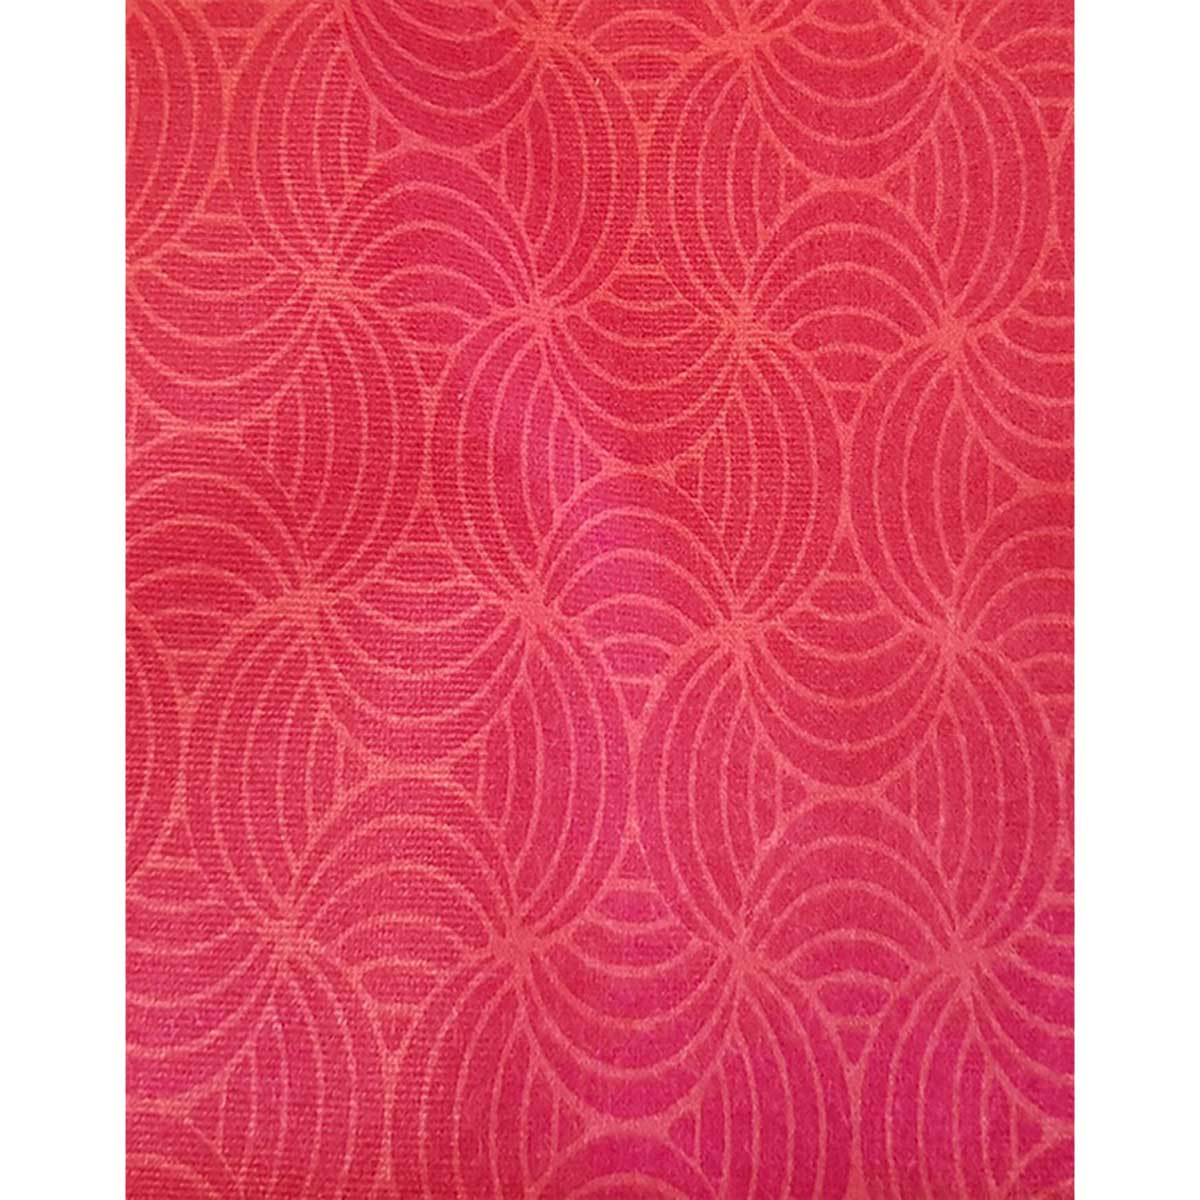 Tissu déperlant imprimé géométrique - Rose - 1.55 m